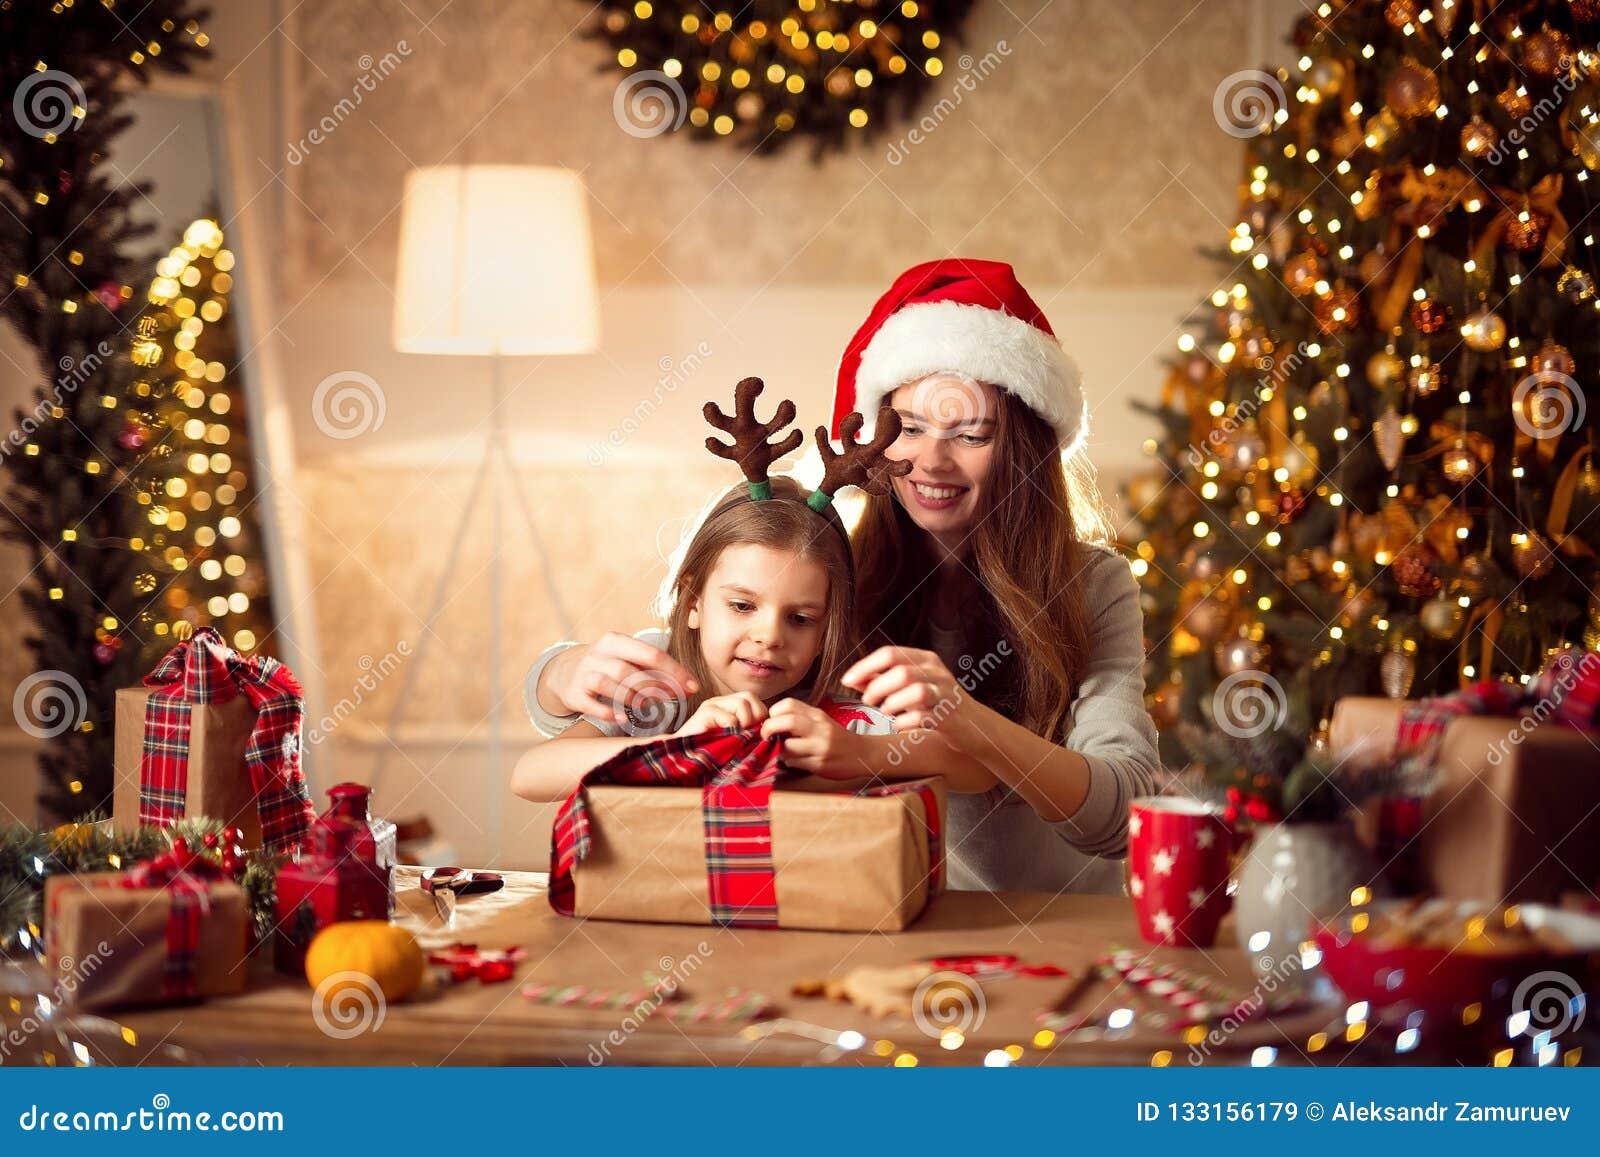 Regali Di Natale Famiglia.Una Madre E Un Bambino Felici Della Famiglia Imballano I Regali Di